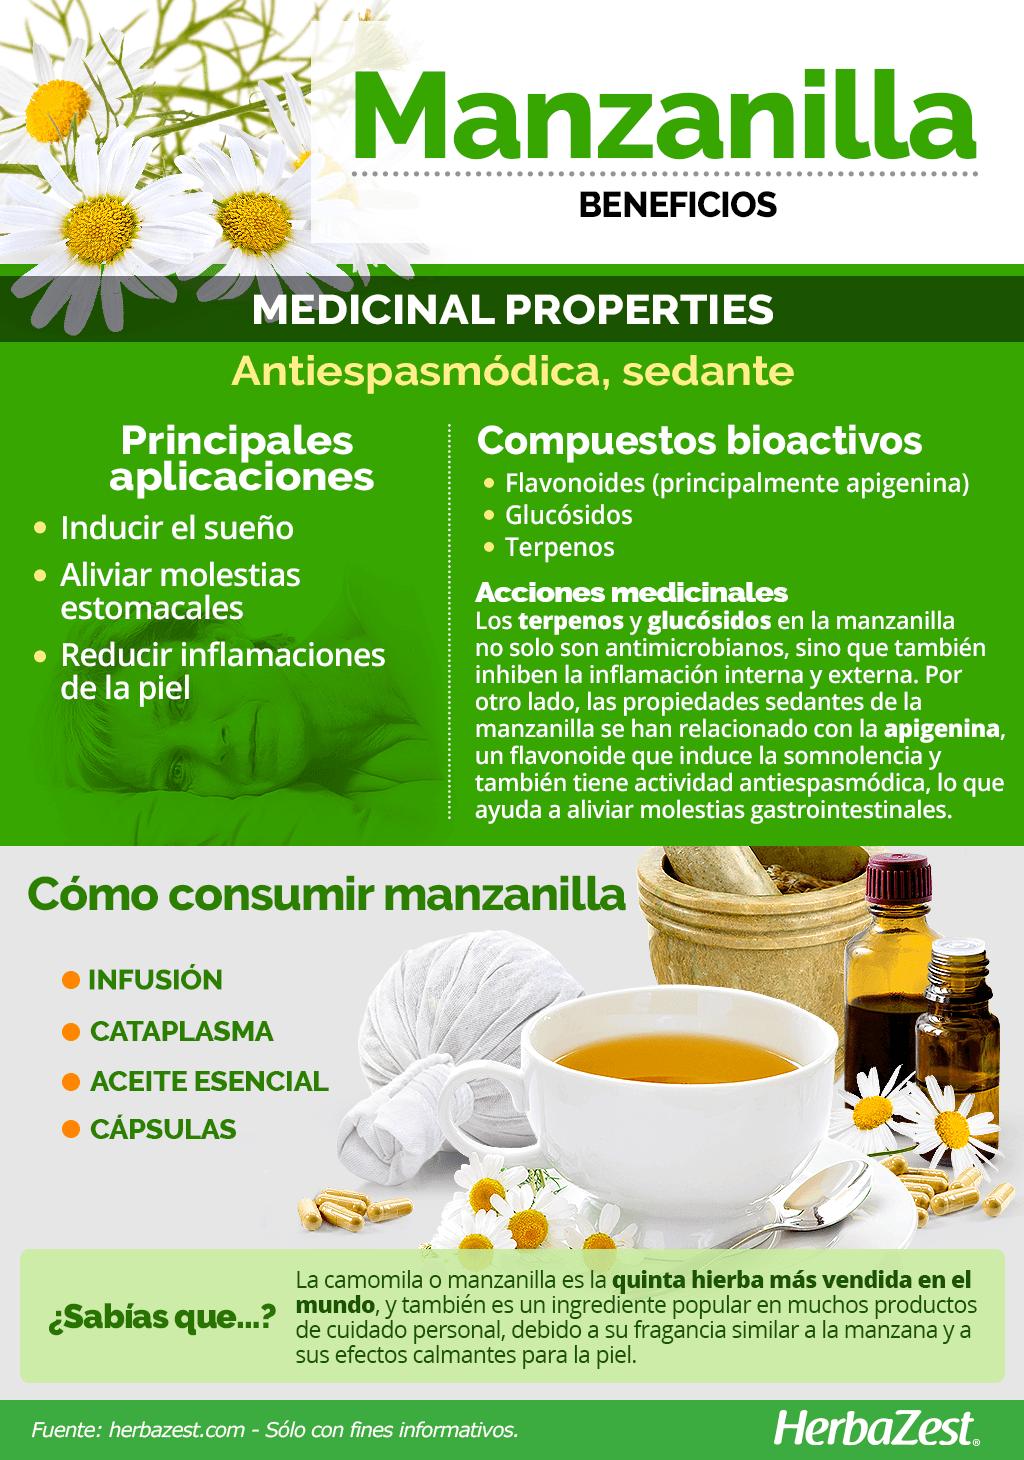 Beneficios de la manzanilla